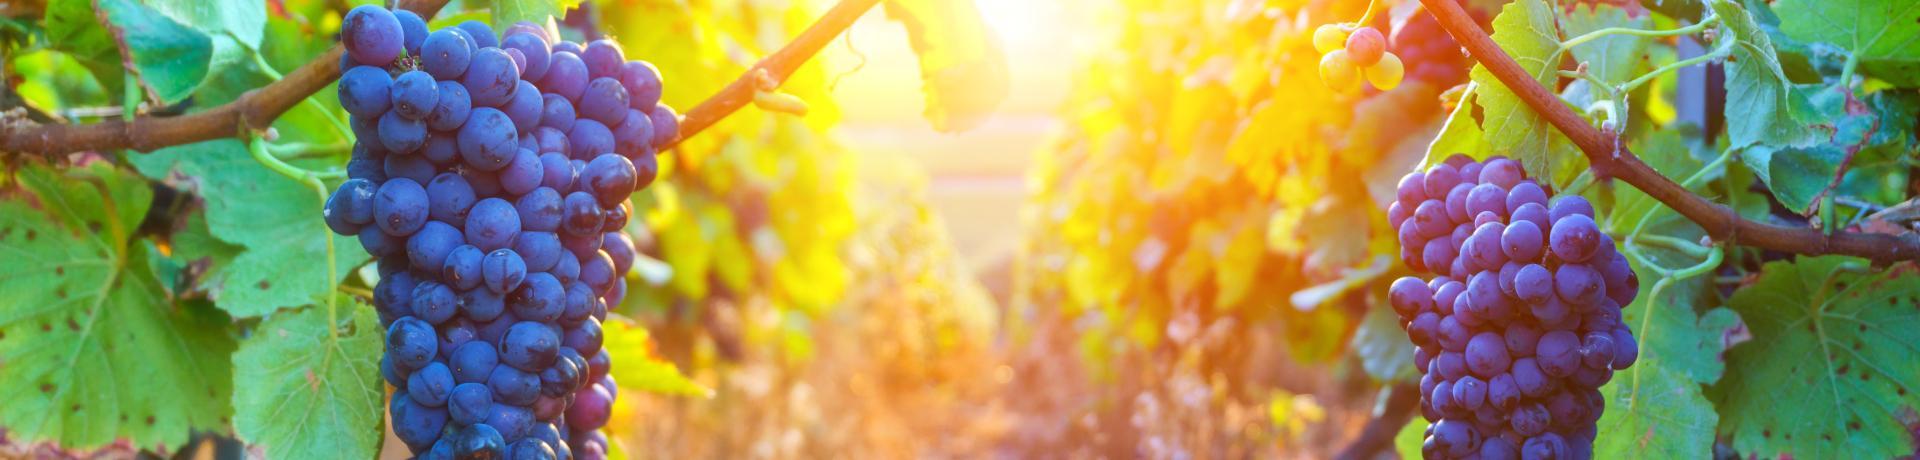 Weinfeste-Weinreben-Weintrauben-Emotion